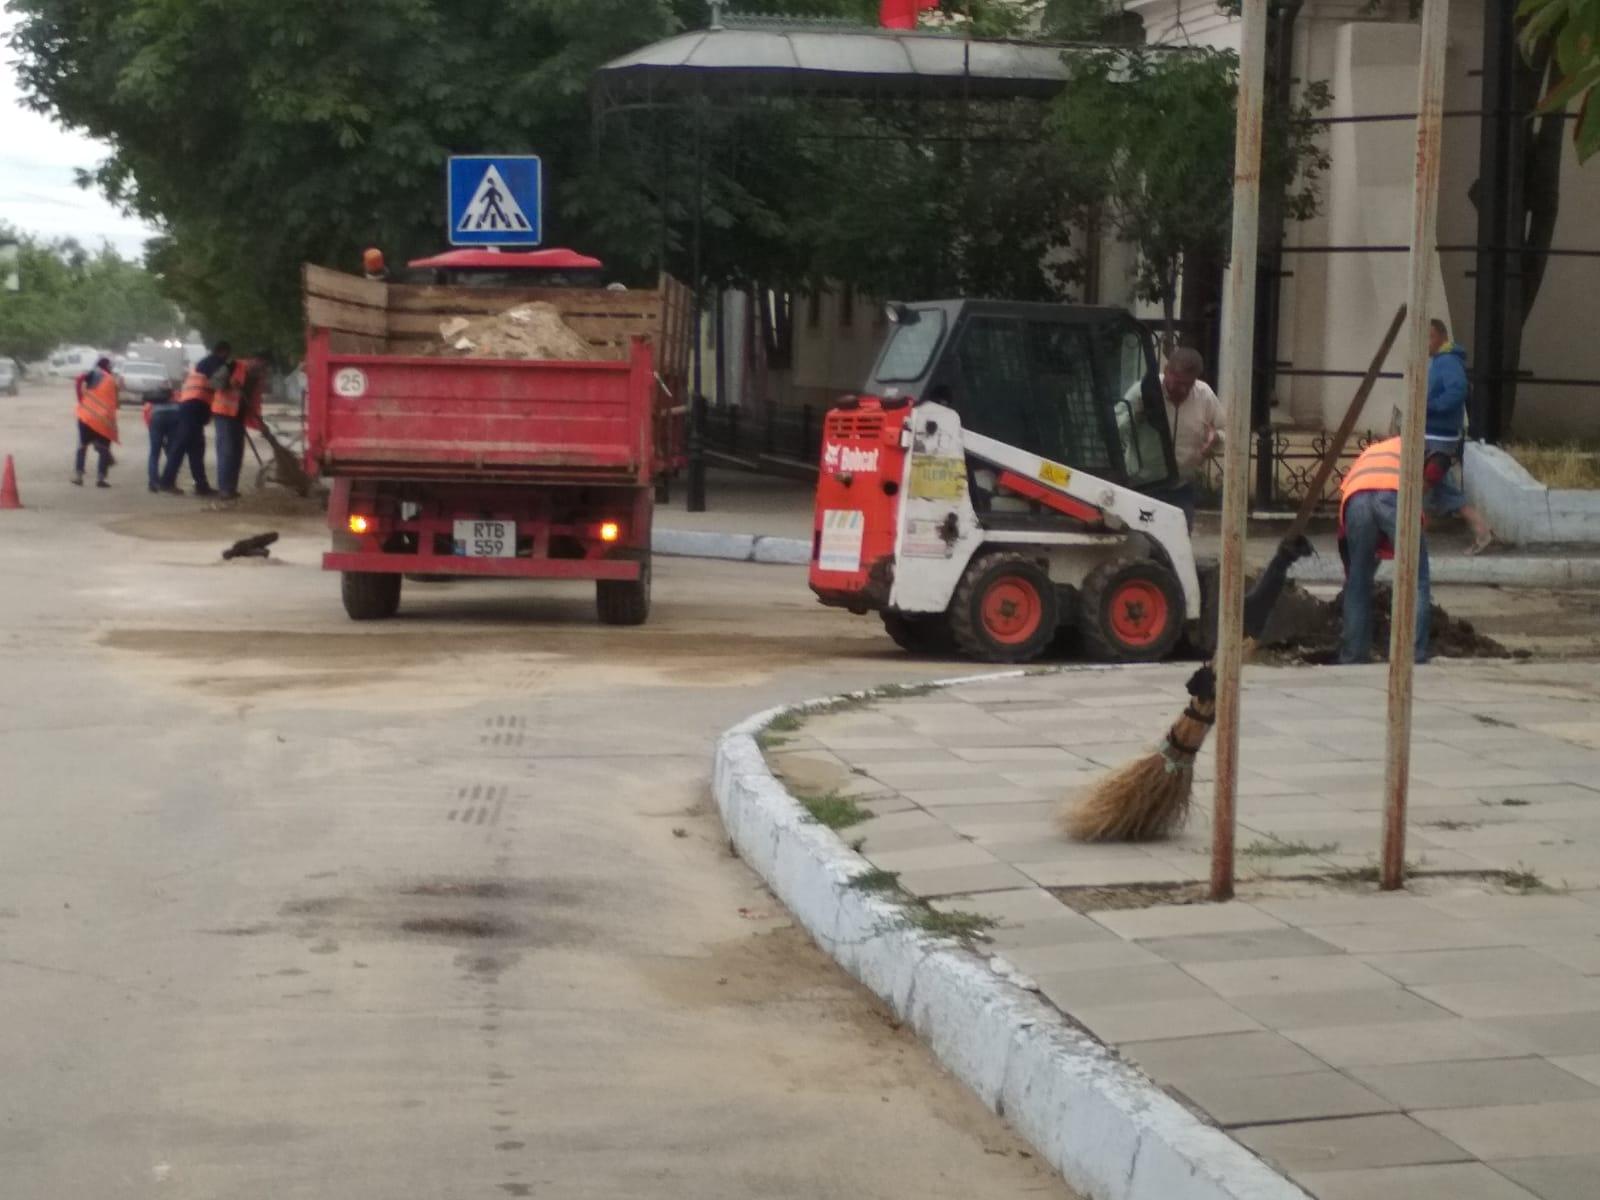 Работники МП ЖКХ Комрат проводят уборку щебня после ночного ливня